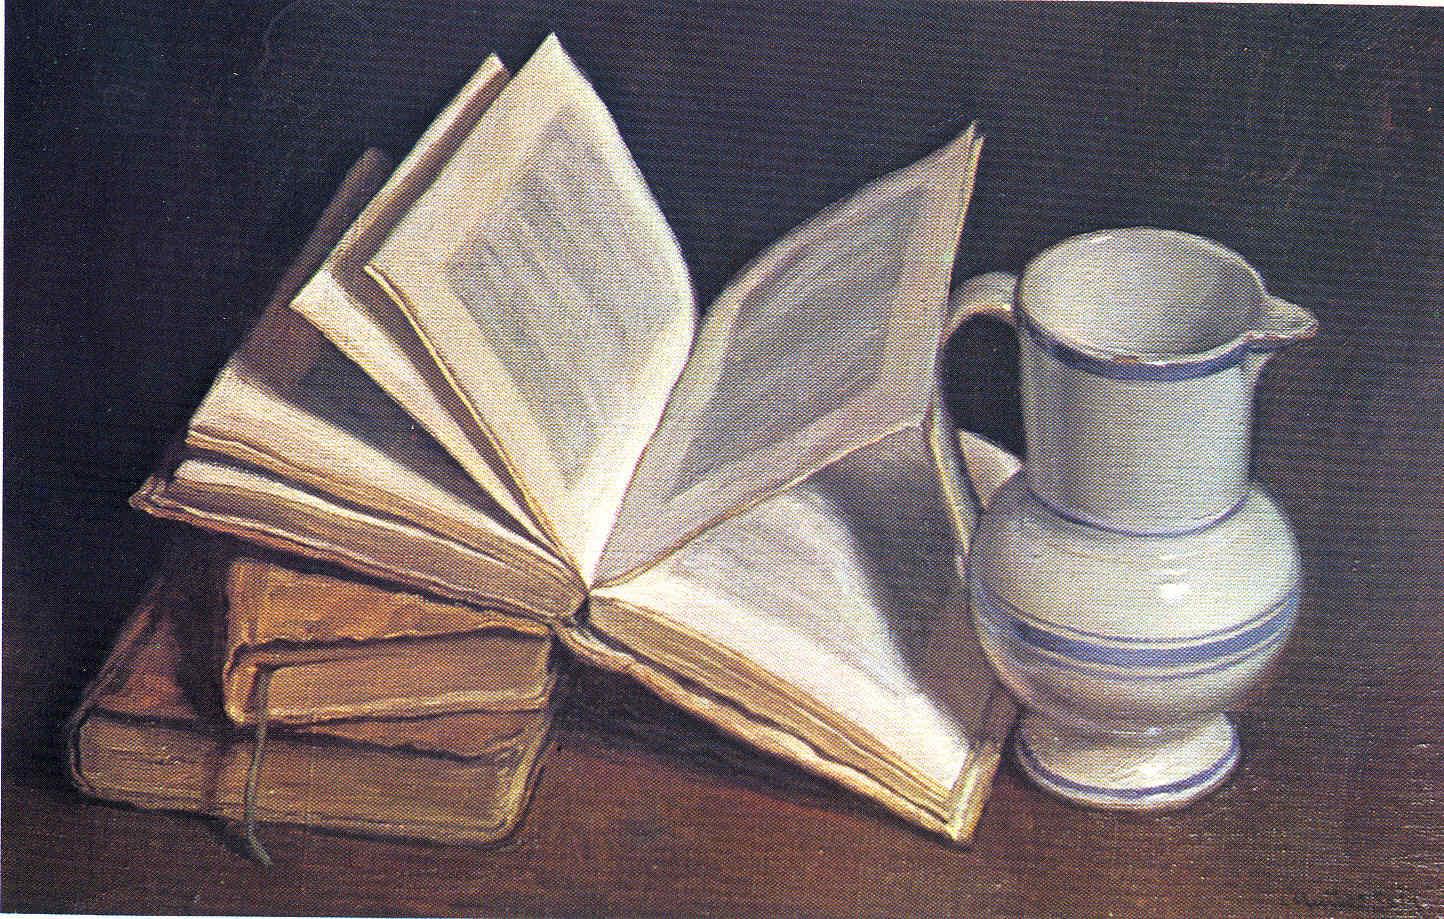 César Muñoz Sola Bodegones Pintores navarros 7 La Pintura 141